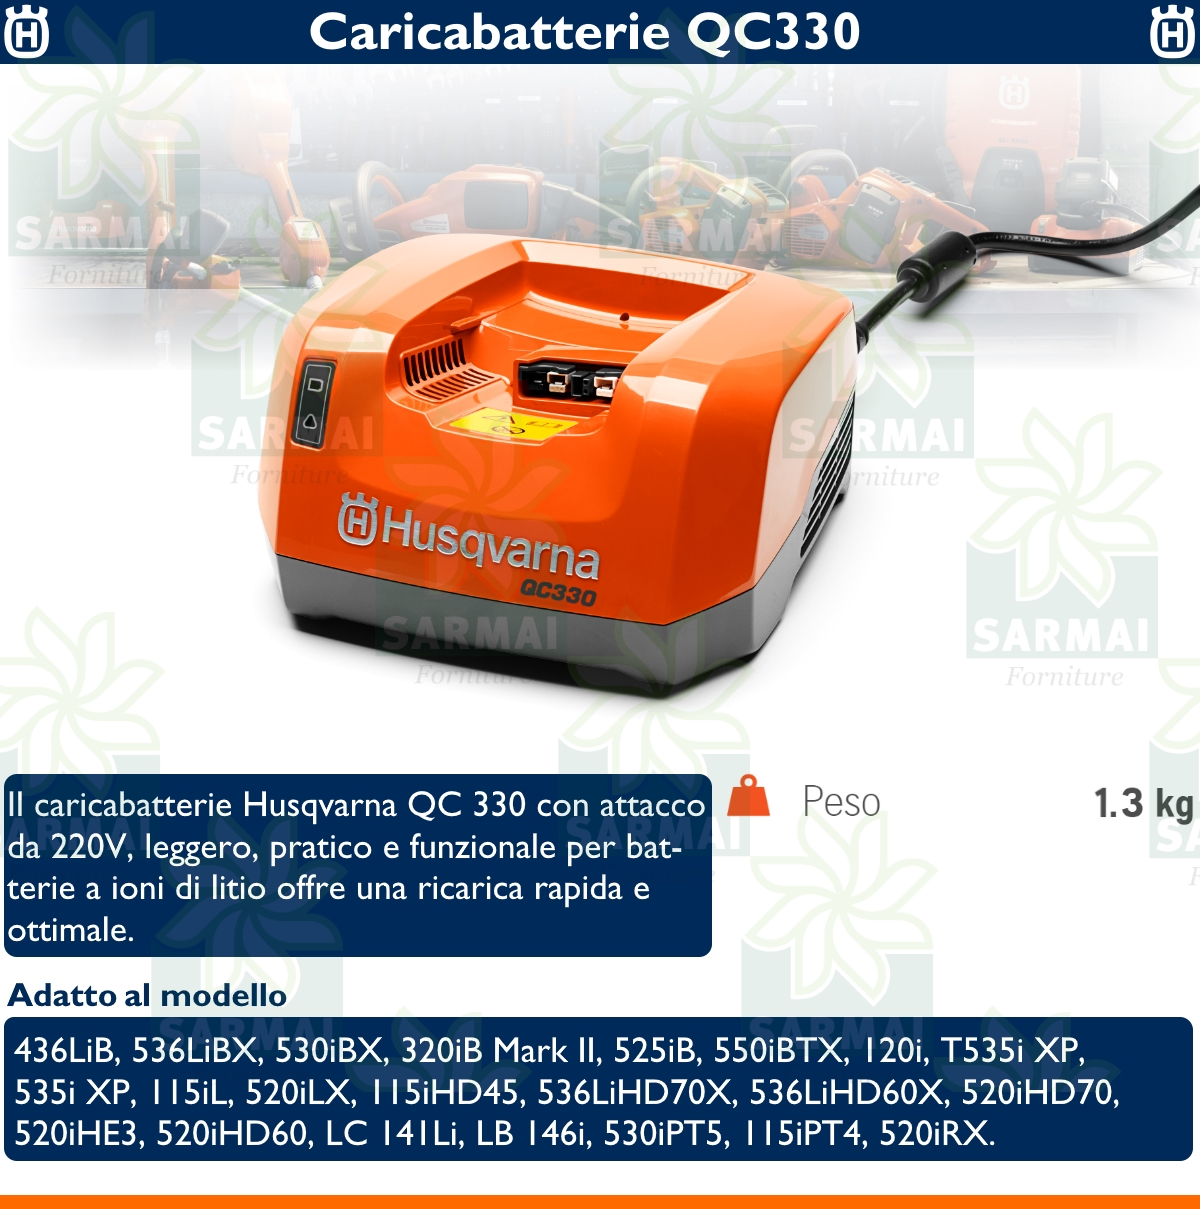 DESCRIZIONE BATTERIA QC330